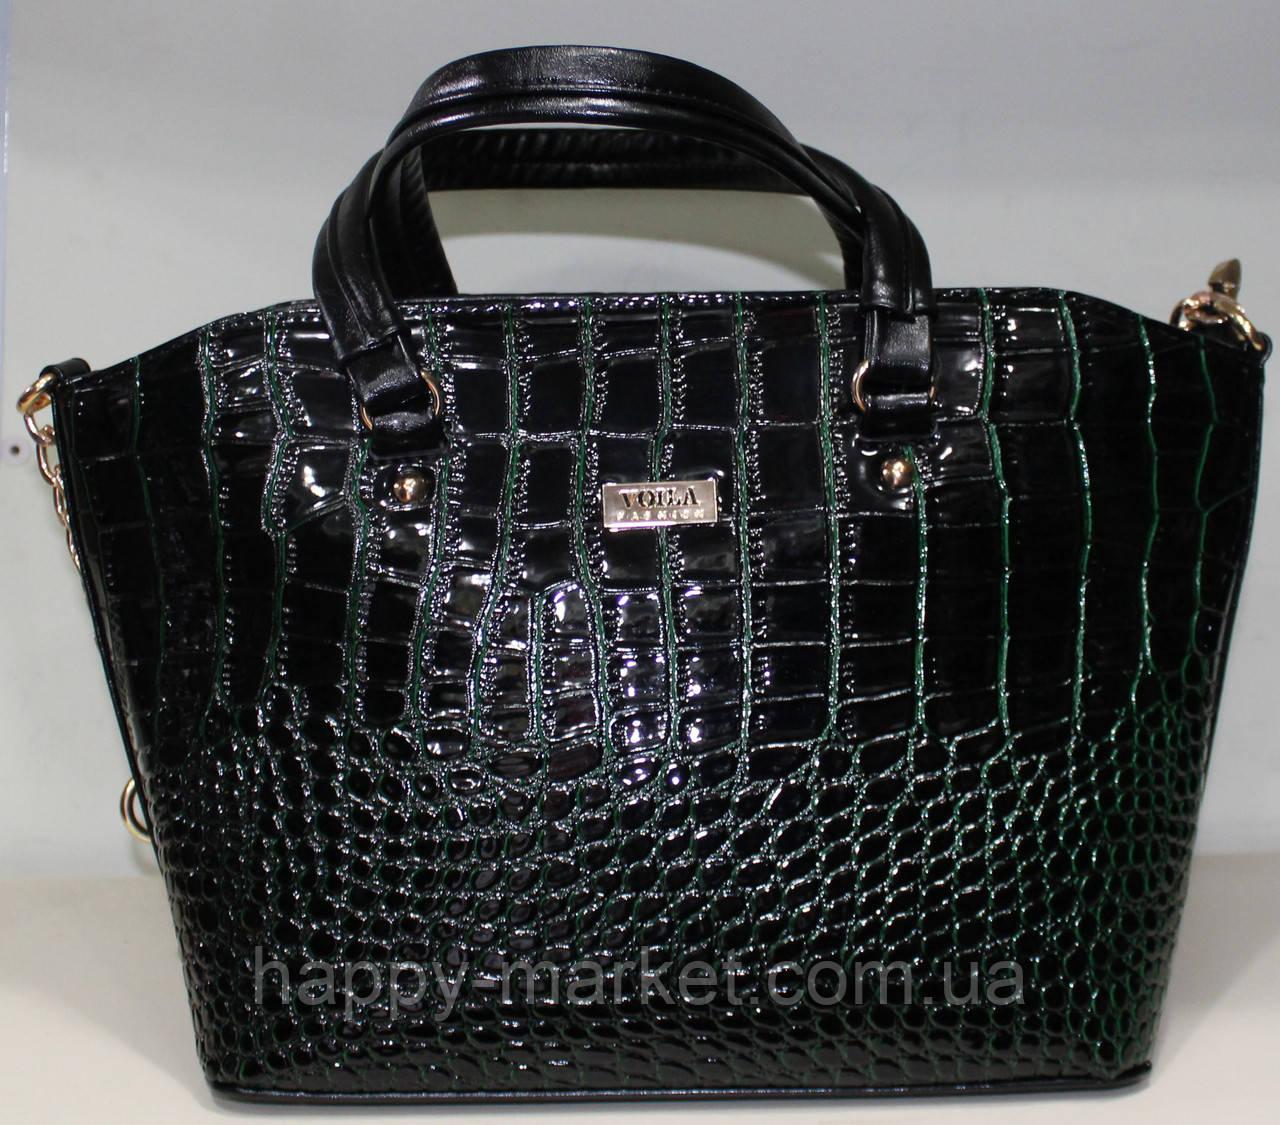 Сумка женская Volla Fashion Лакированная 17-823-5